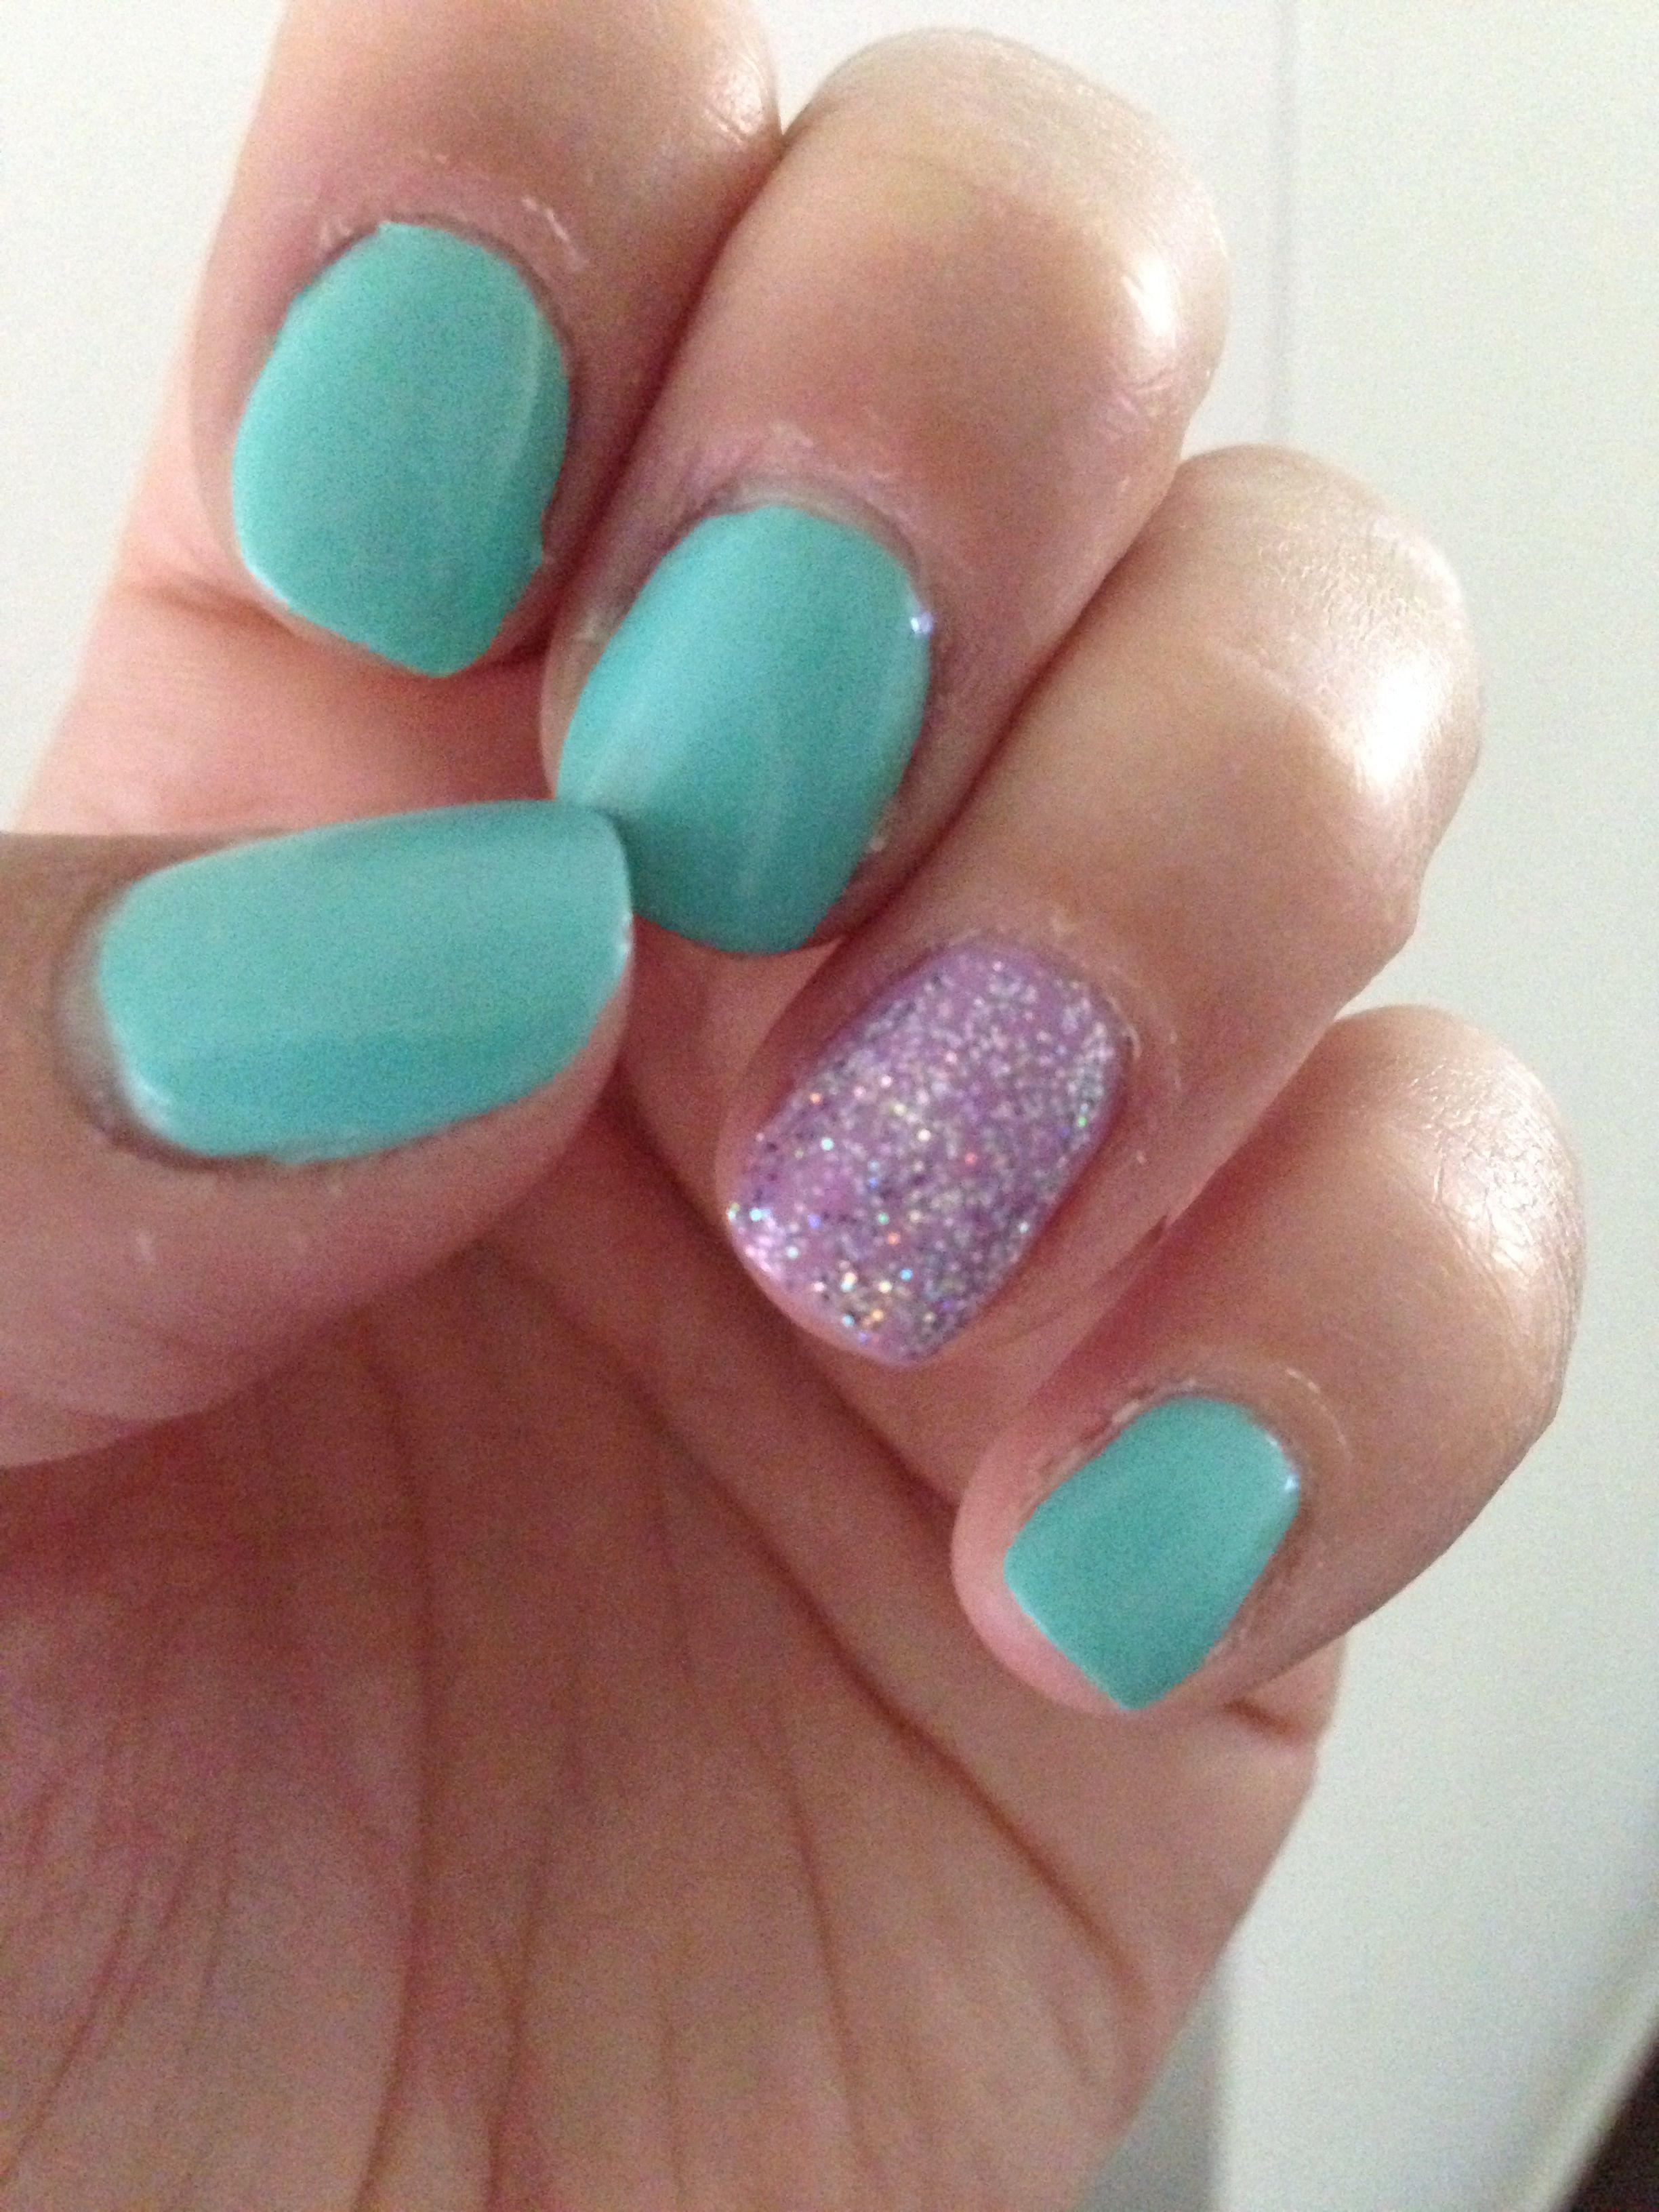 ❤ anc nails color combo 6-17-14 | Mani Pedi time :) | Pinterest ...